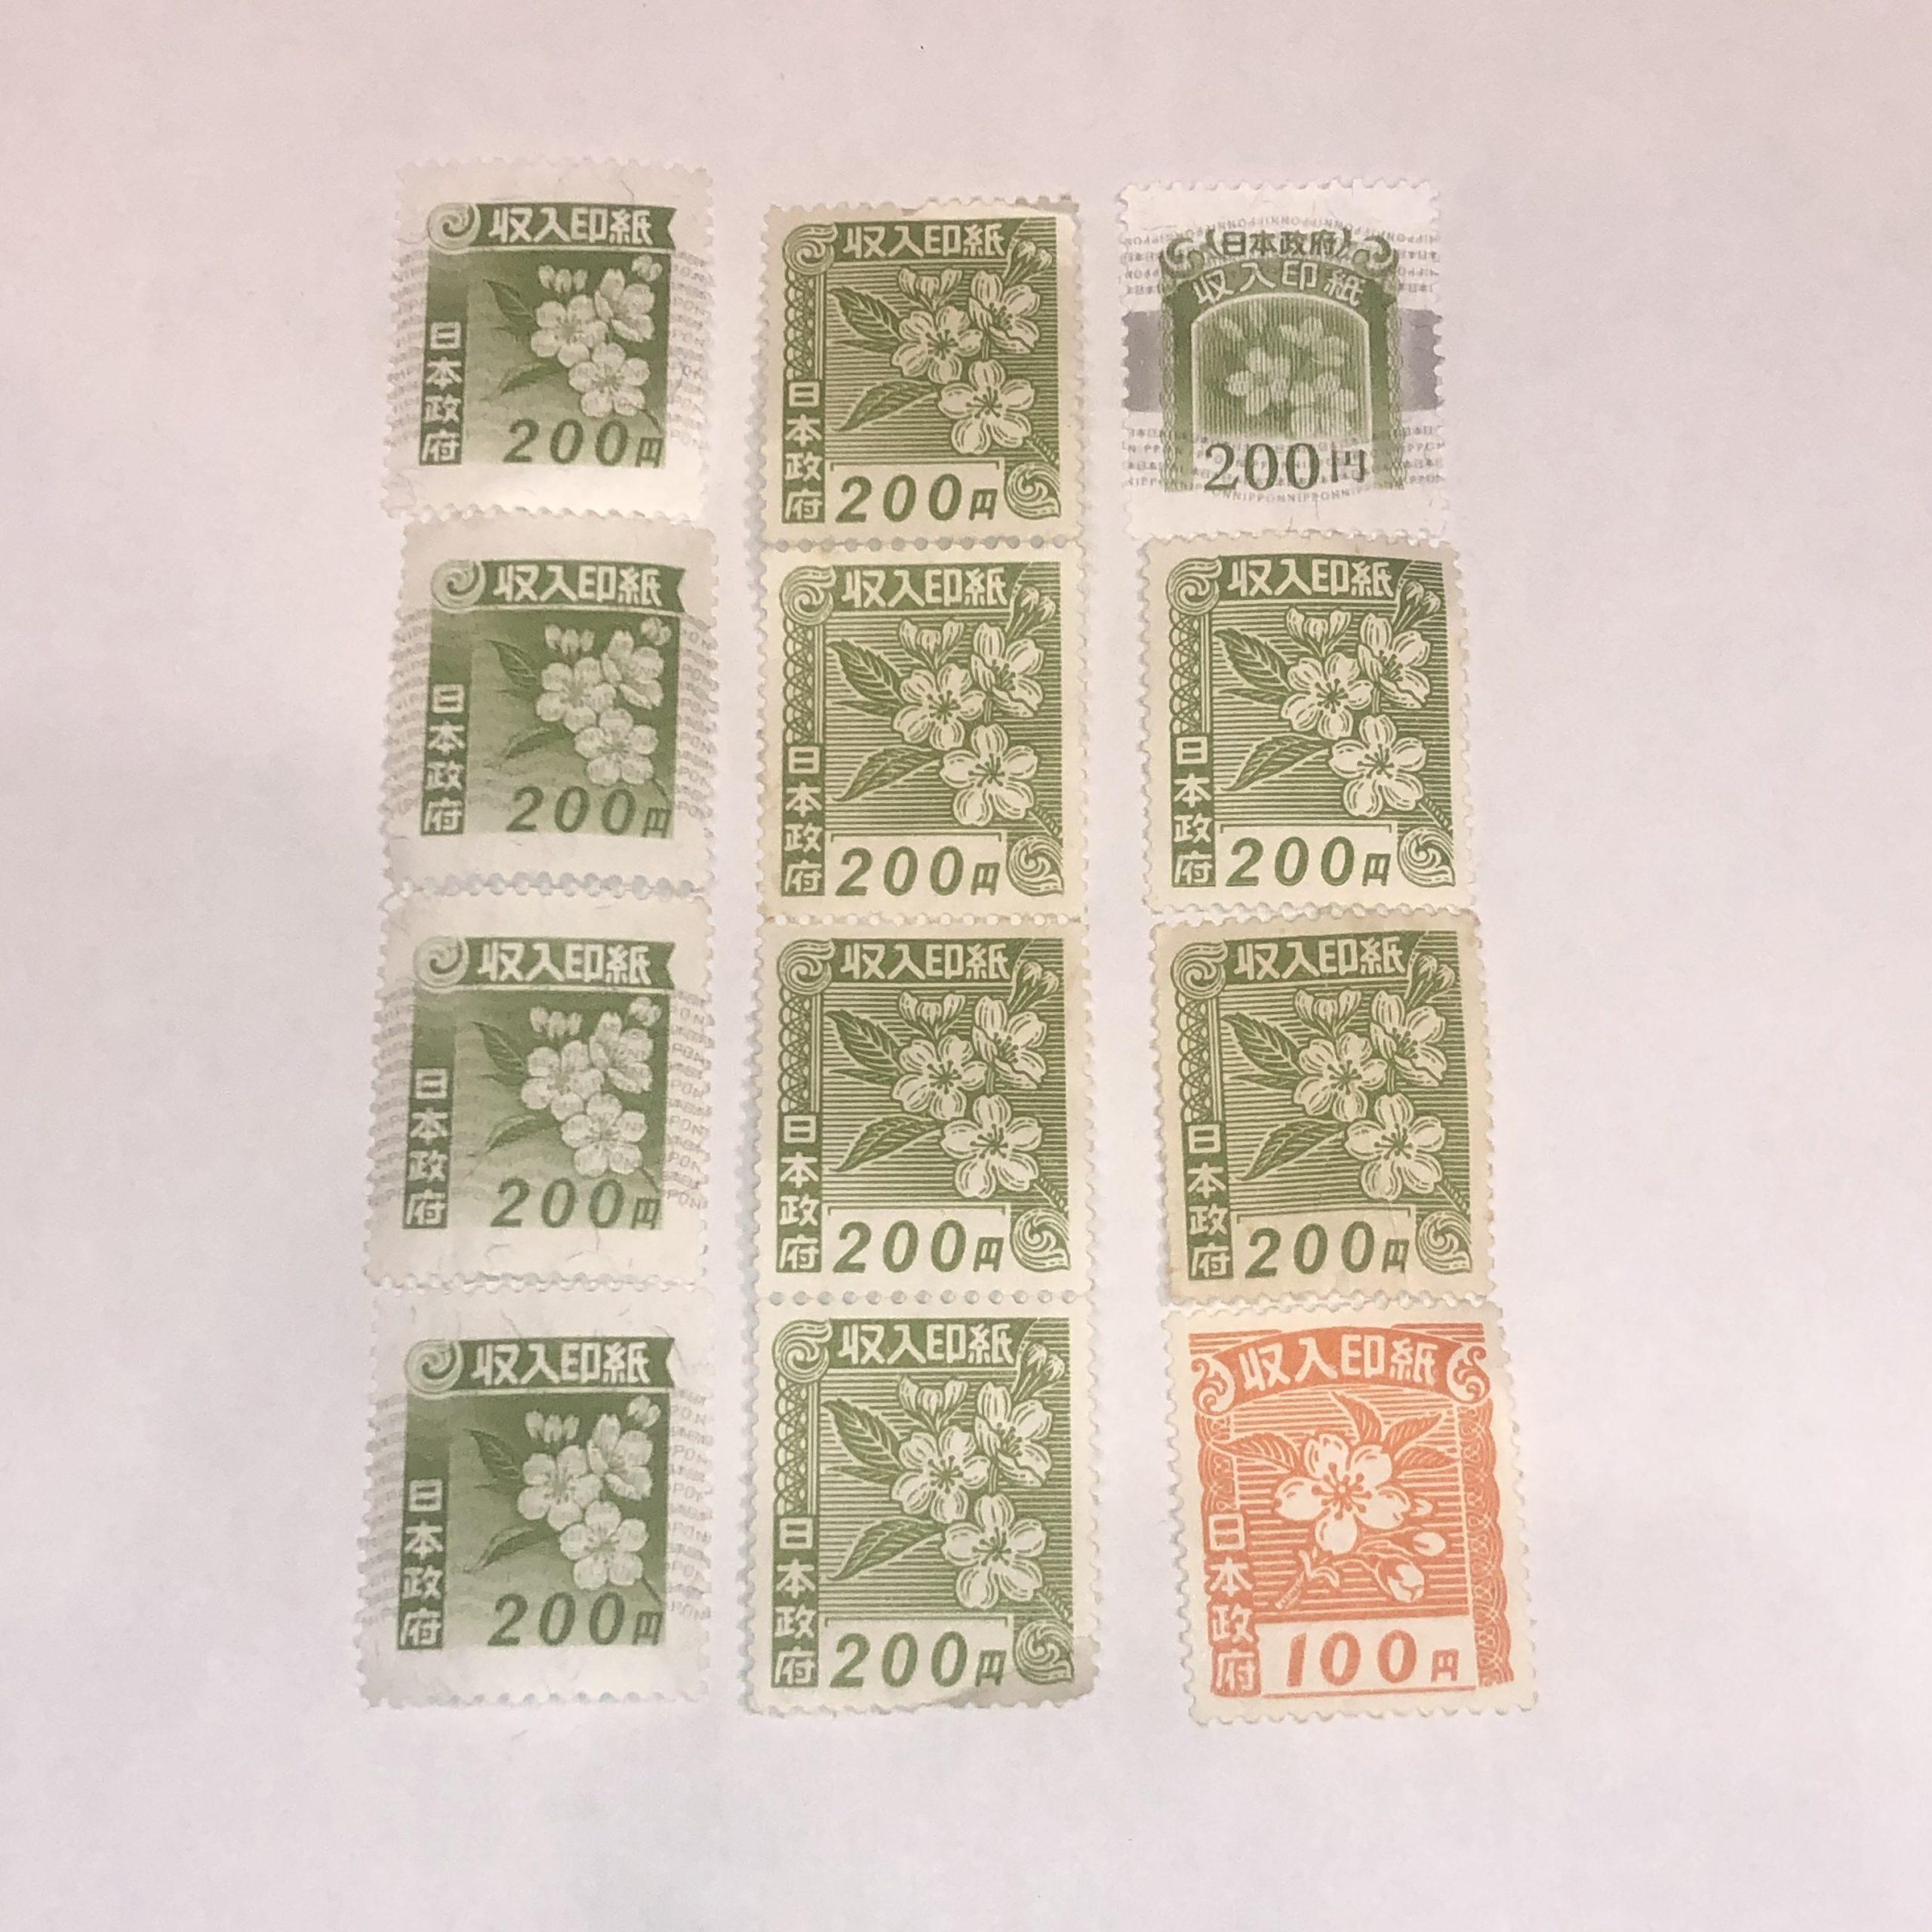 収入印紙 200円 100円